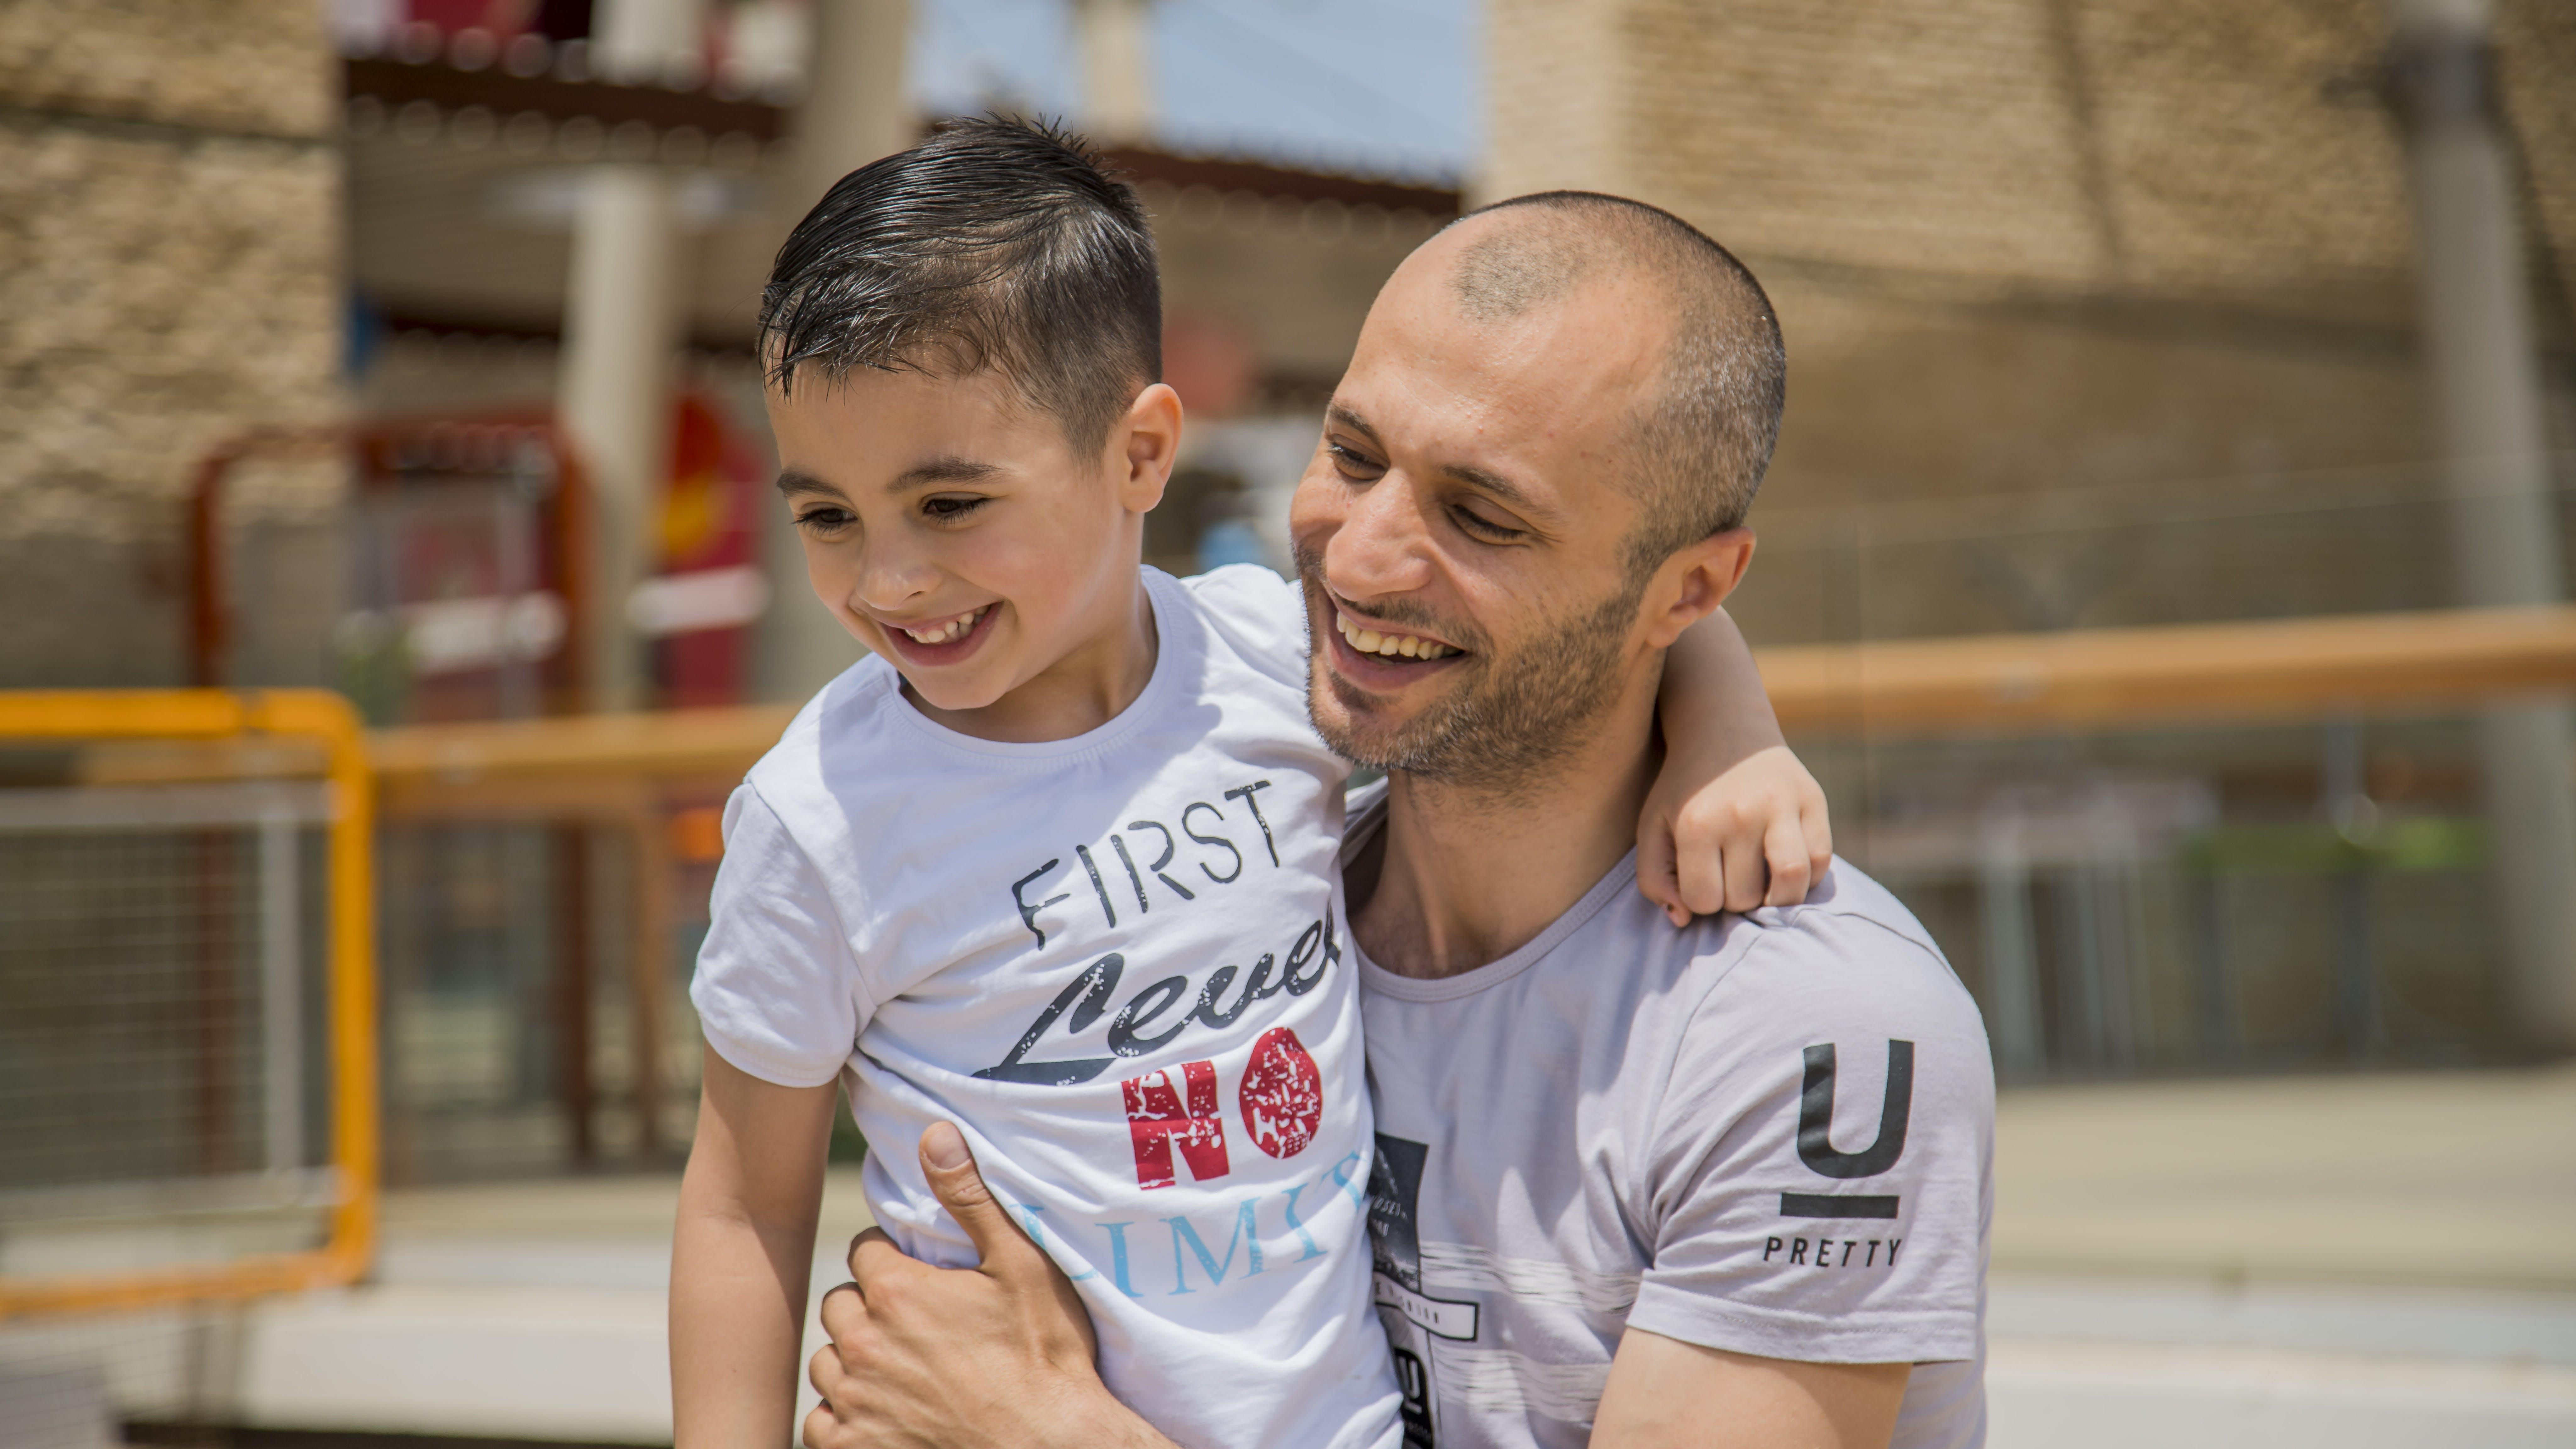 Giordania, Mustafa Denou gioca con suo figlio Abdul Wahab, 4 anni.